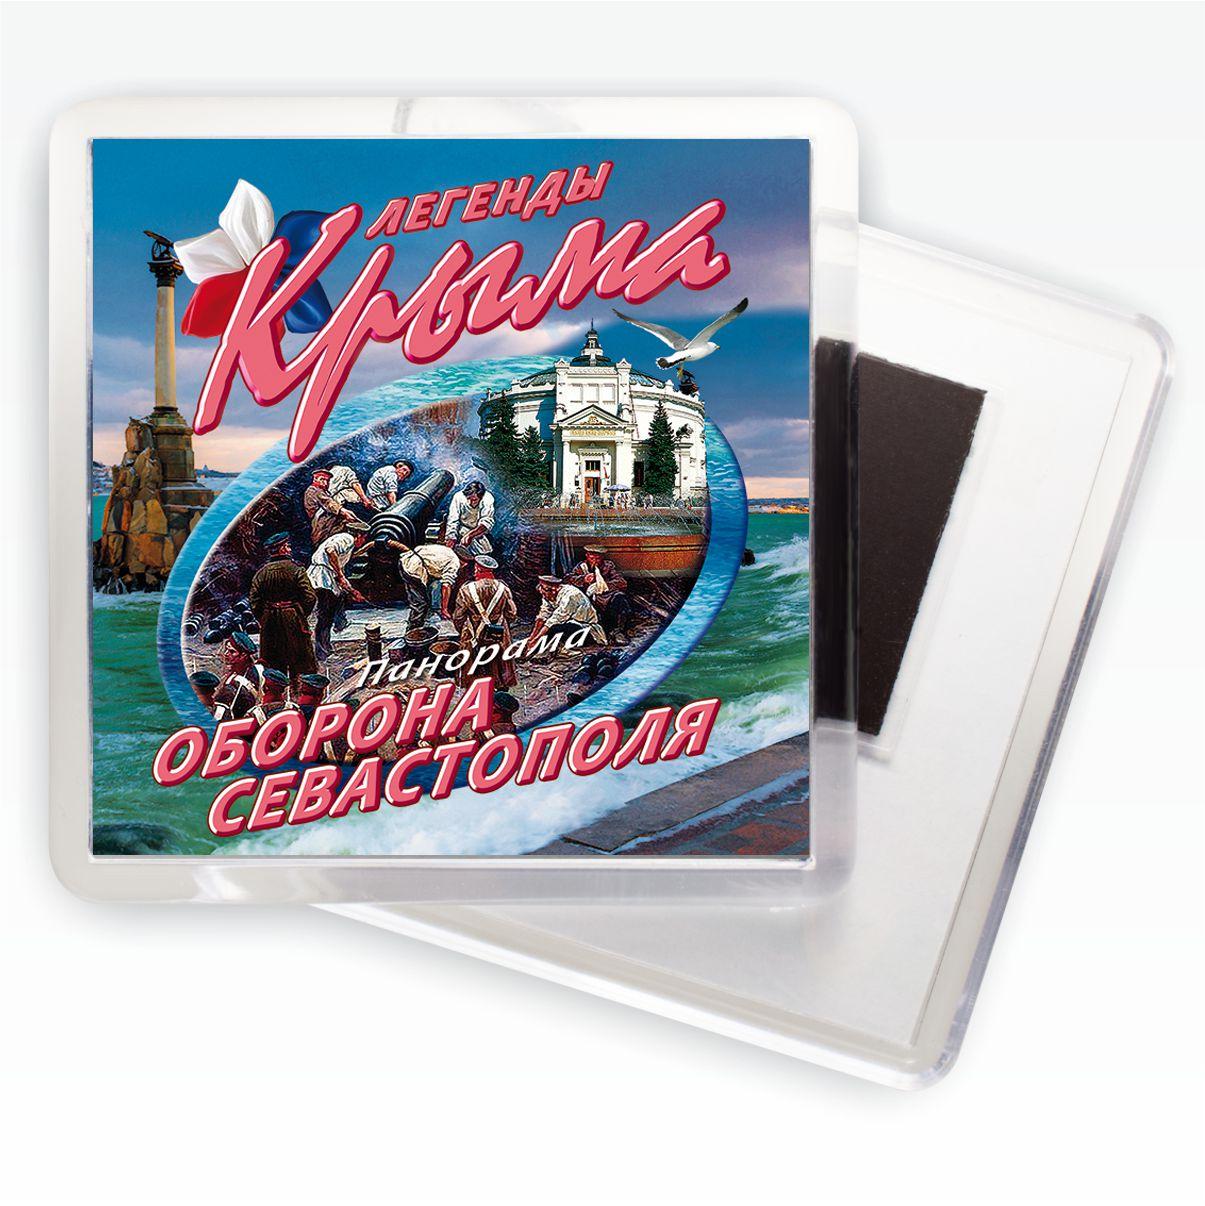 Оригинальные сувенирные магниты на черноморскую тематику